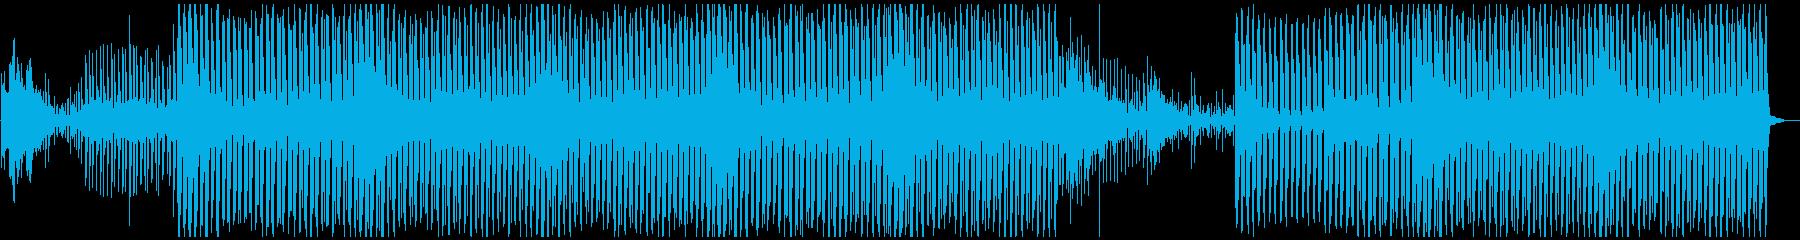 神秘的でセクシーなディープハウスの再生済みの波形